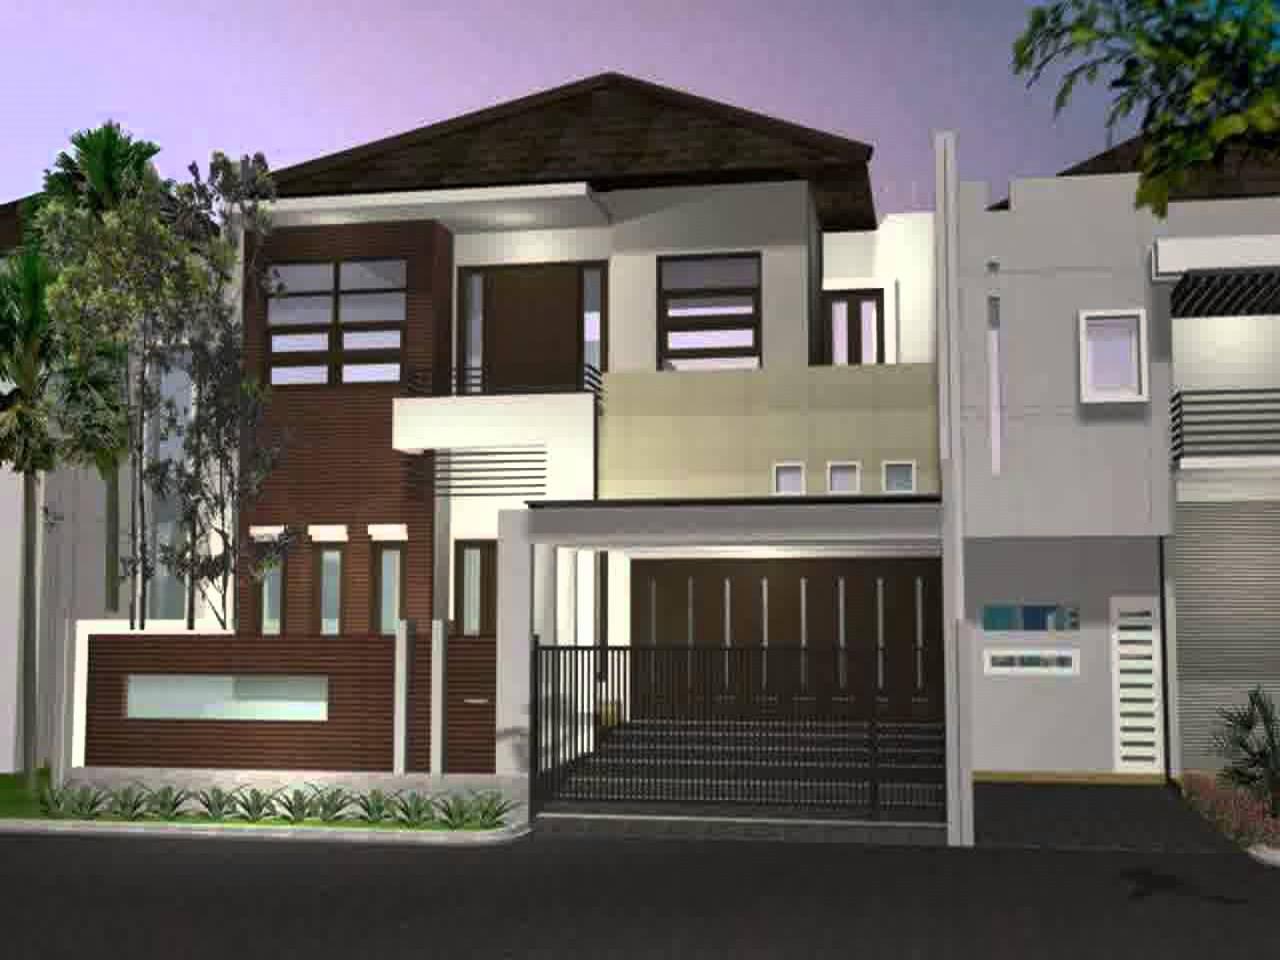 Desain Tampak Depan Rumah Minimalis Modern 2 Lantai Desain Rumah